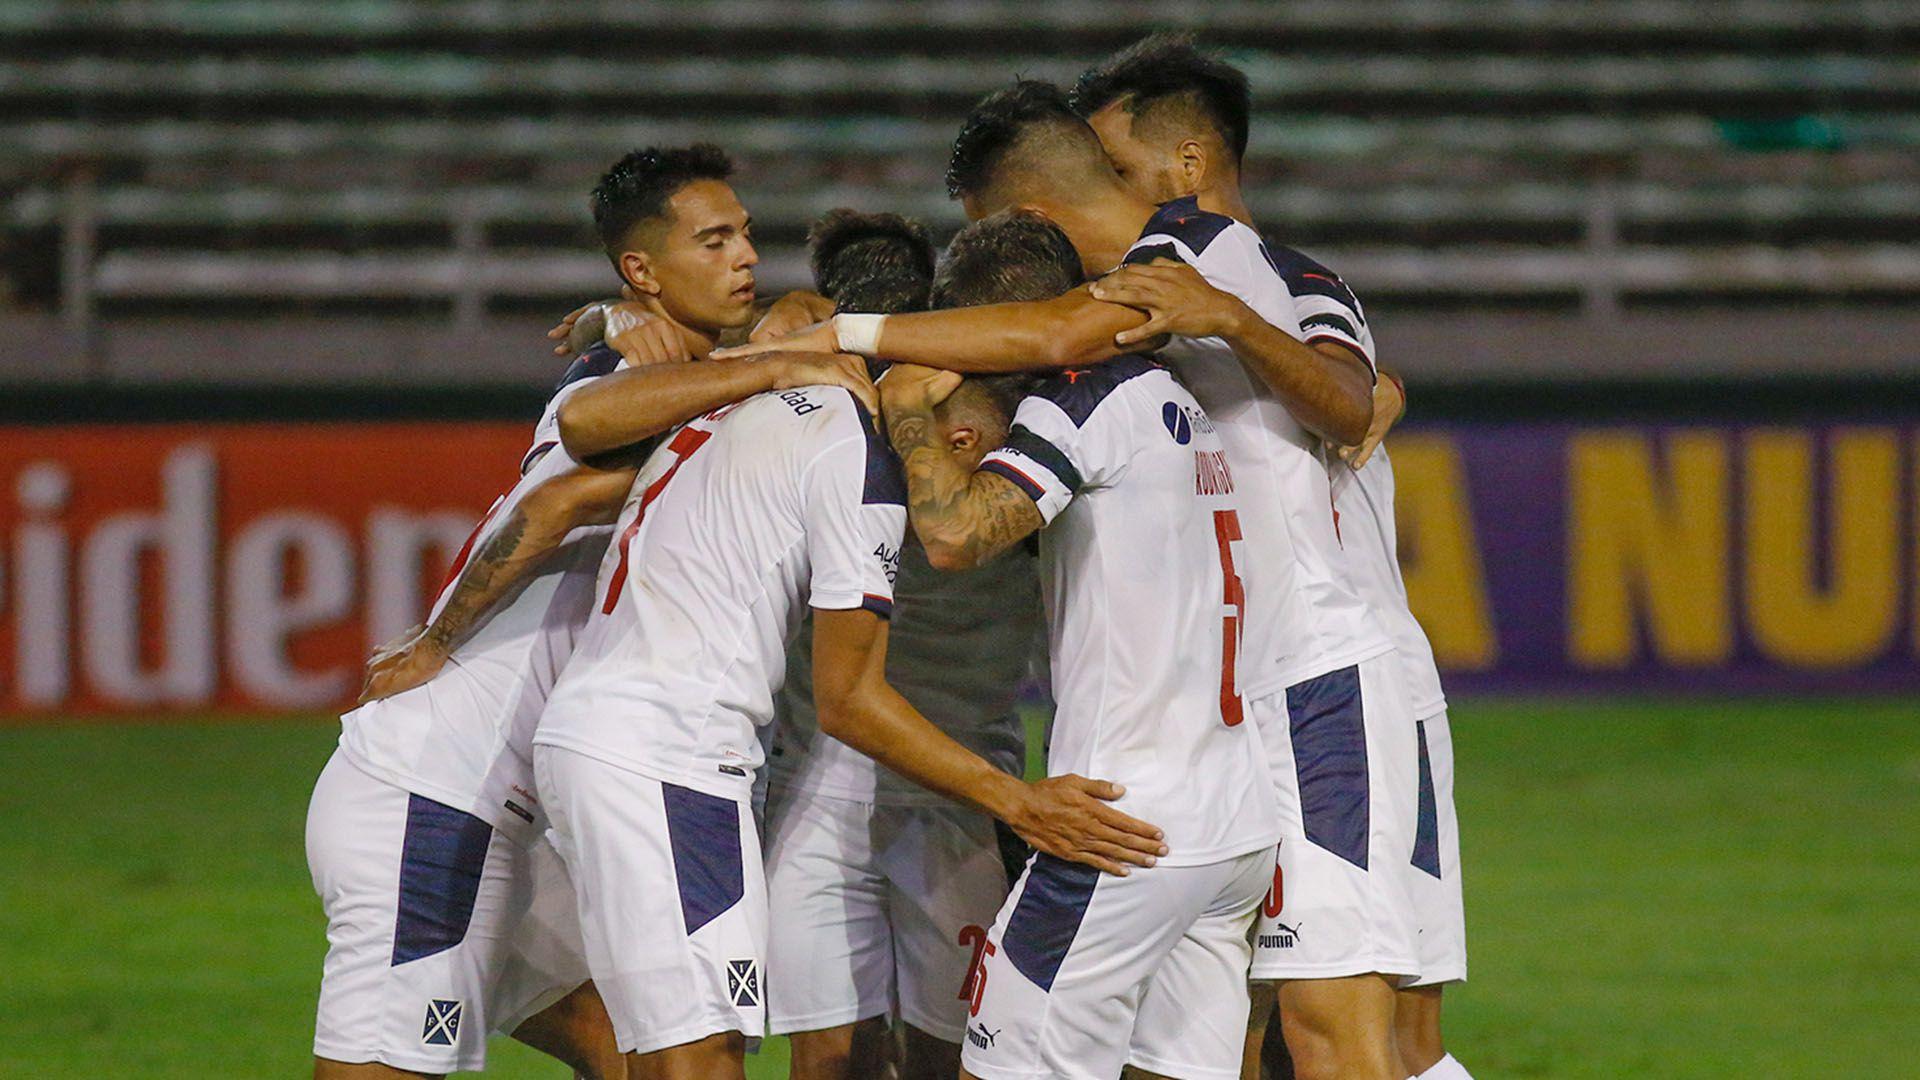 Independiente y Villa Mitre de Bahia Blanca Copa Argentina